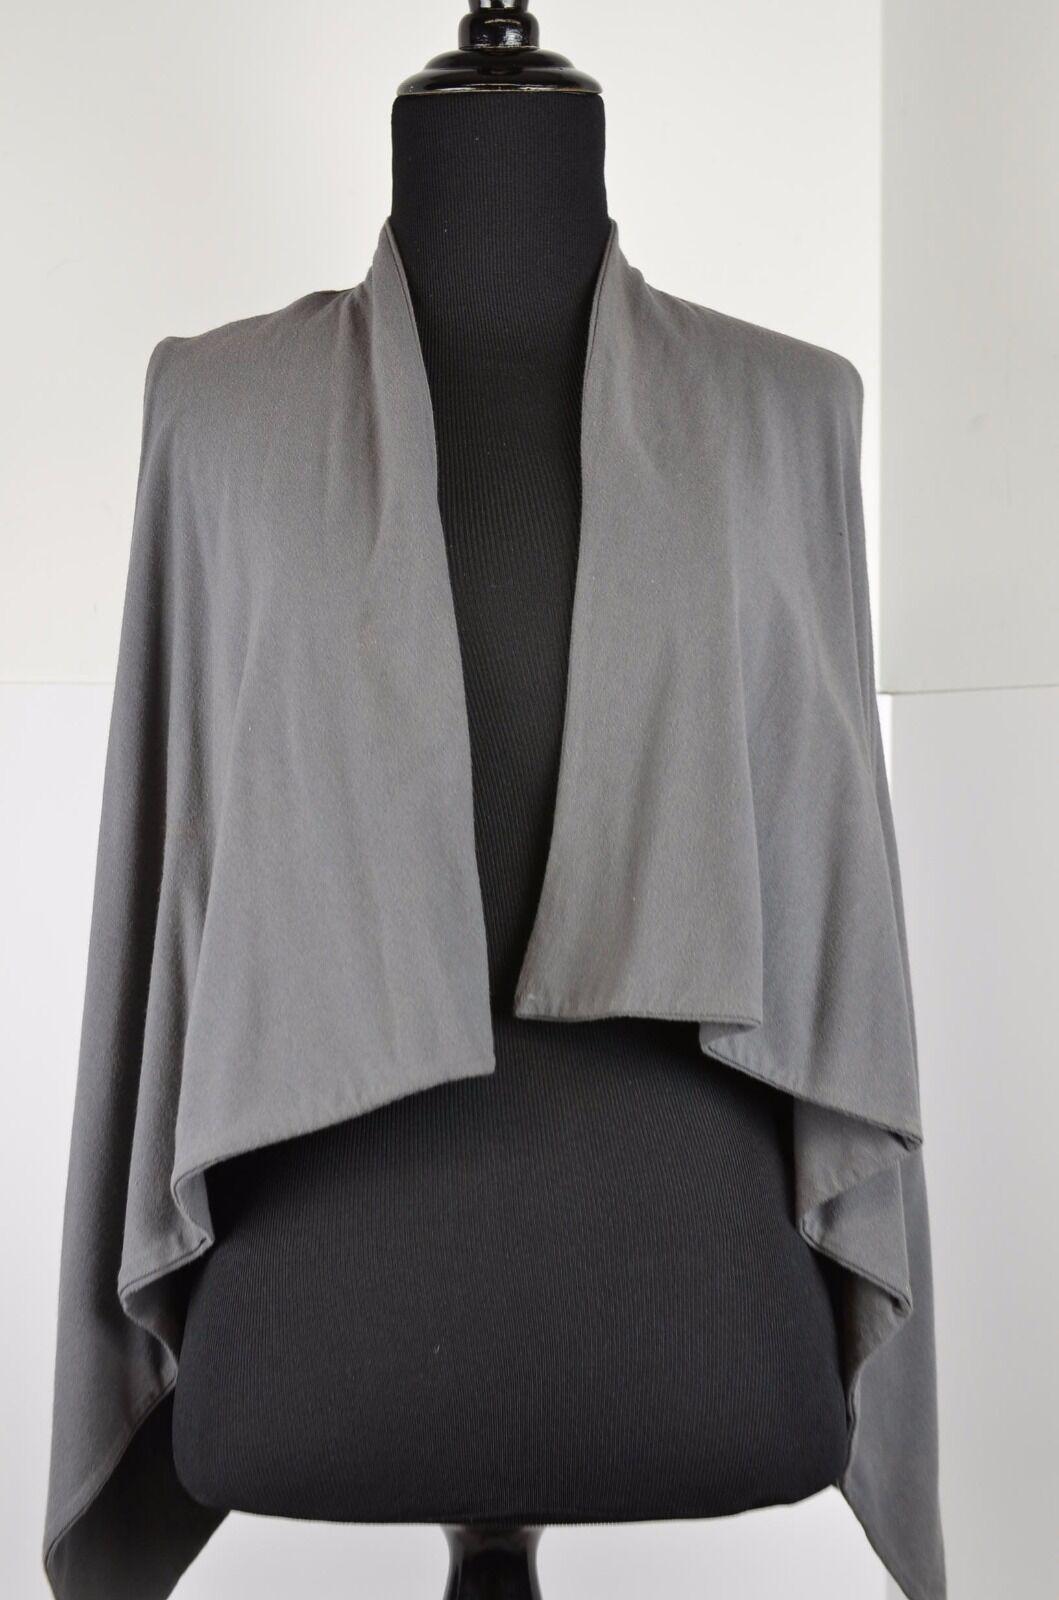 Majestic Paris Women's Sleeveless Shawl Vest Wrap Size 2 Cashmere Cotton Blend